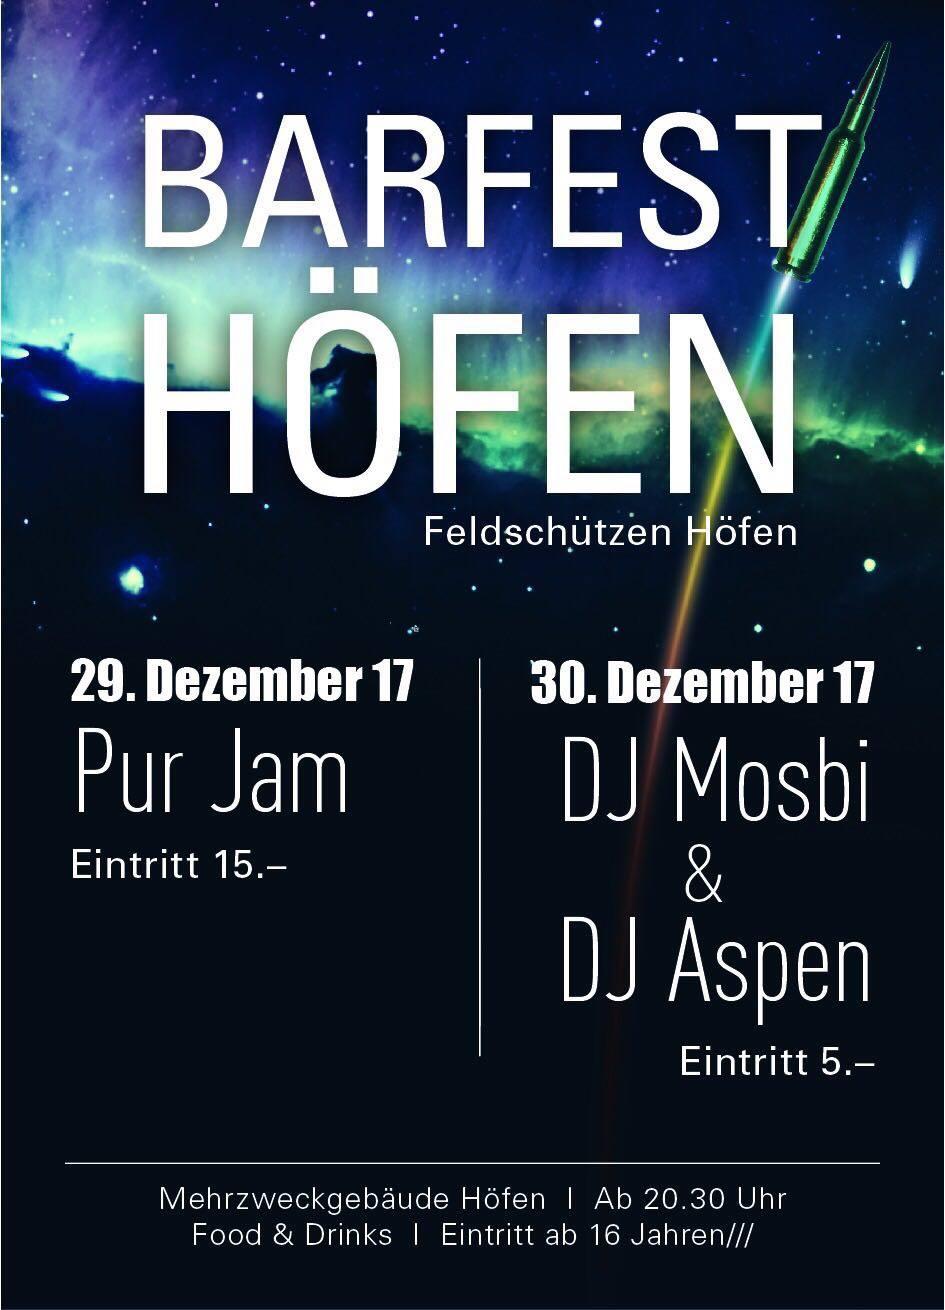 plakat_barfest_hoefen